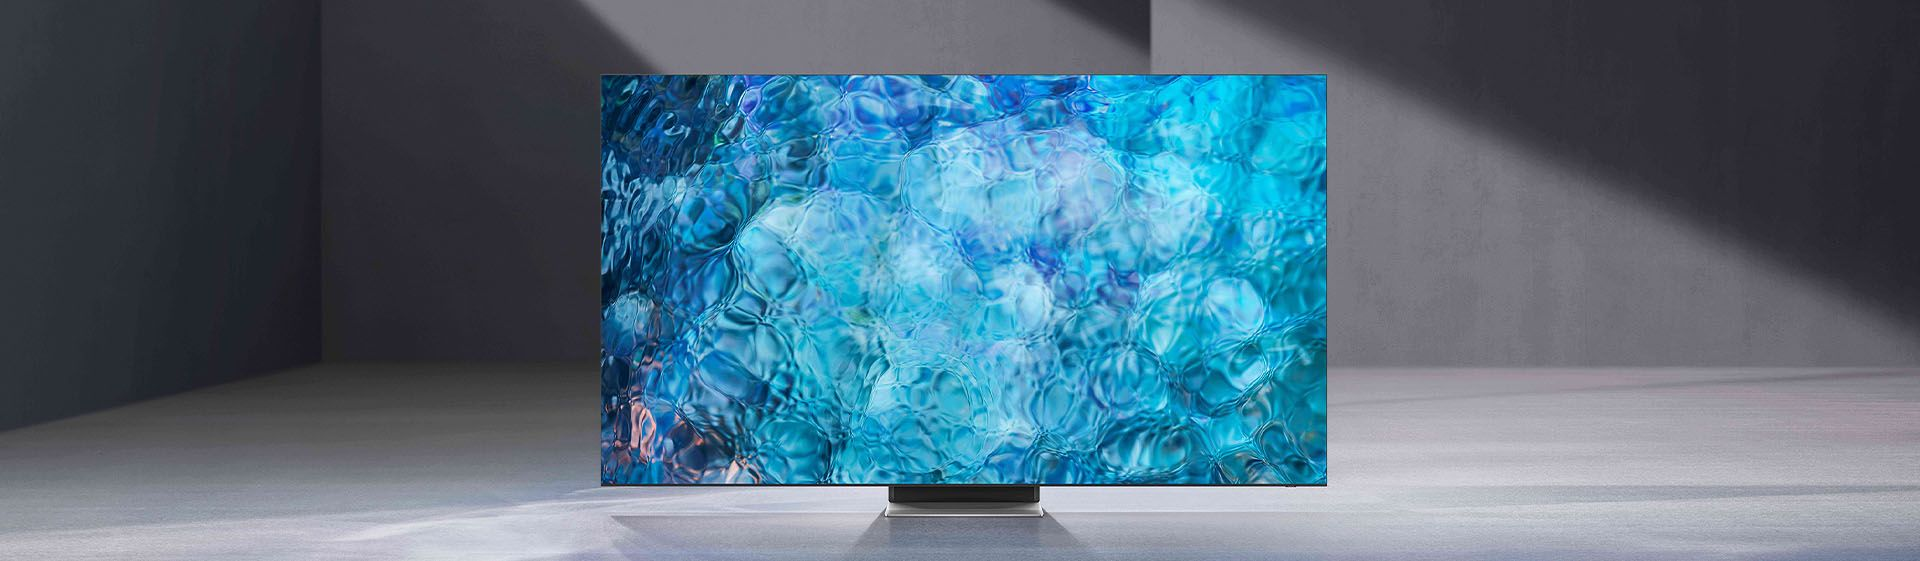 TVs Samsung: tudo sobre os aparelhos da marca